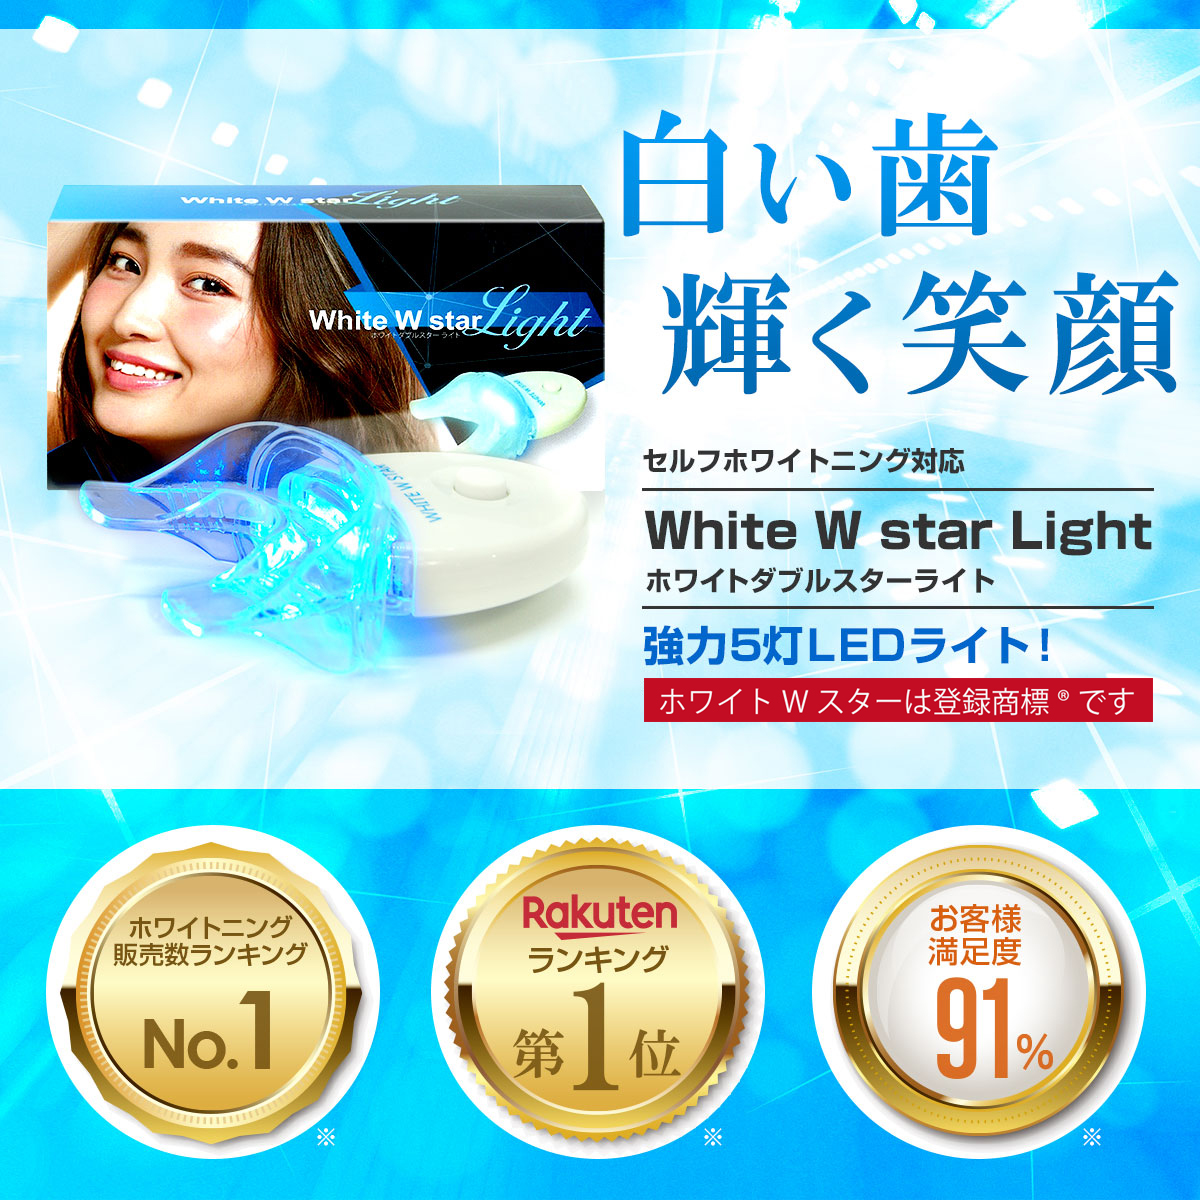 白い歯輝く笑顔!セルフホワイトニング対応【ホワイトWスターライト(ホワイトダブルスターライト)】強力5灯LEDライト!